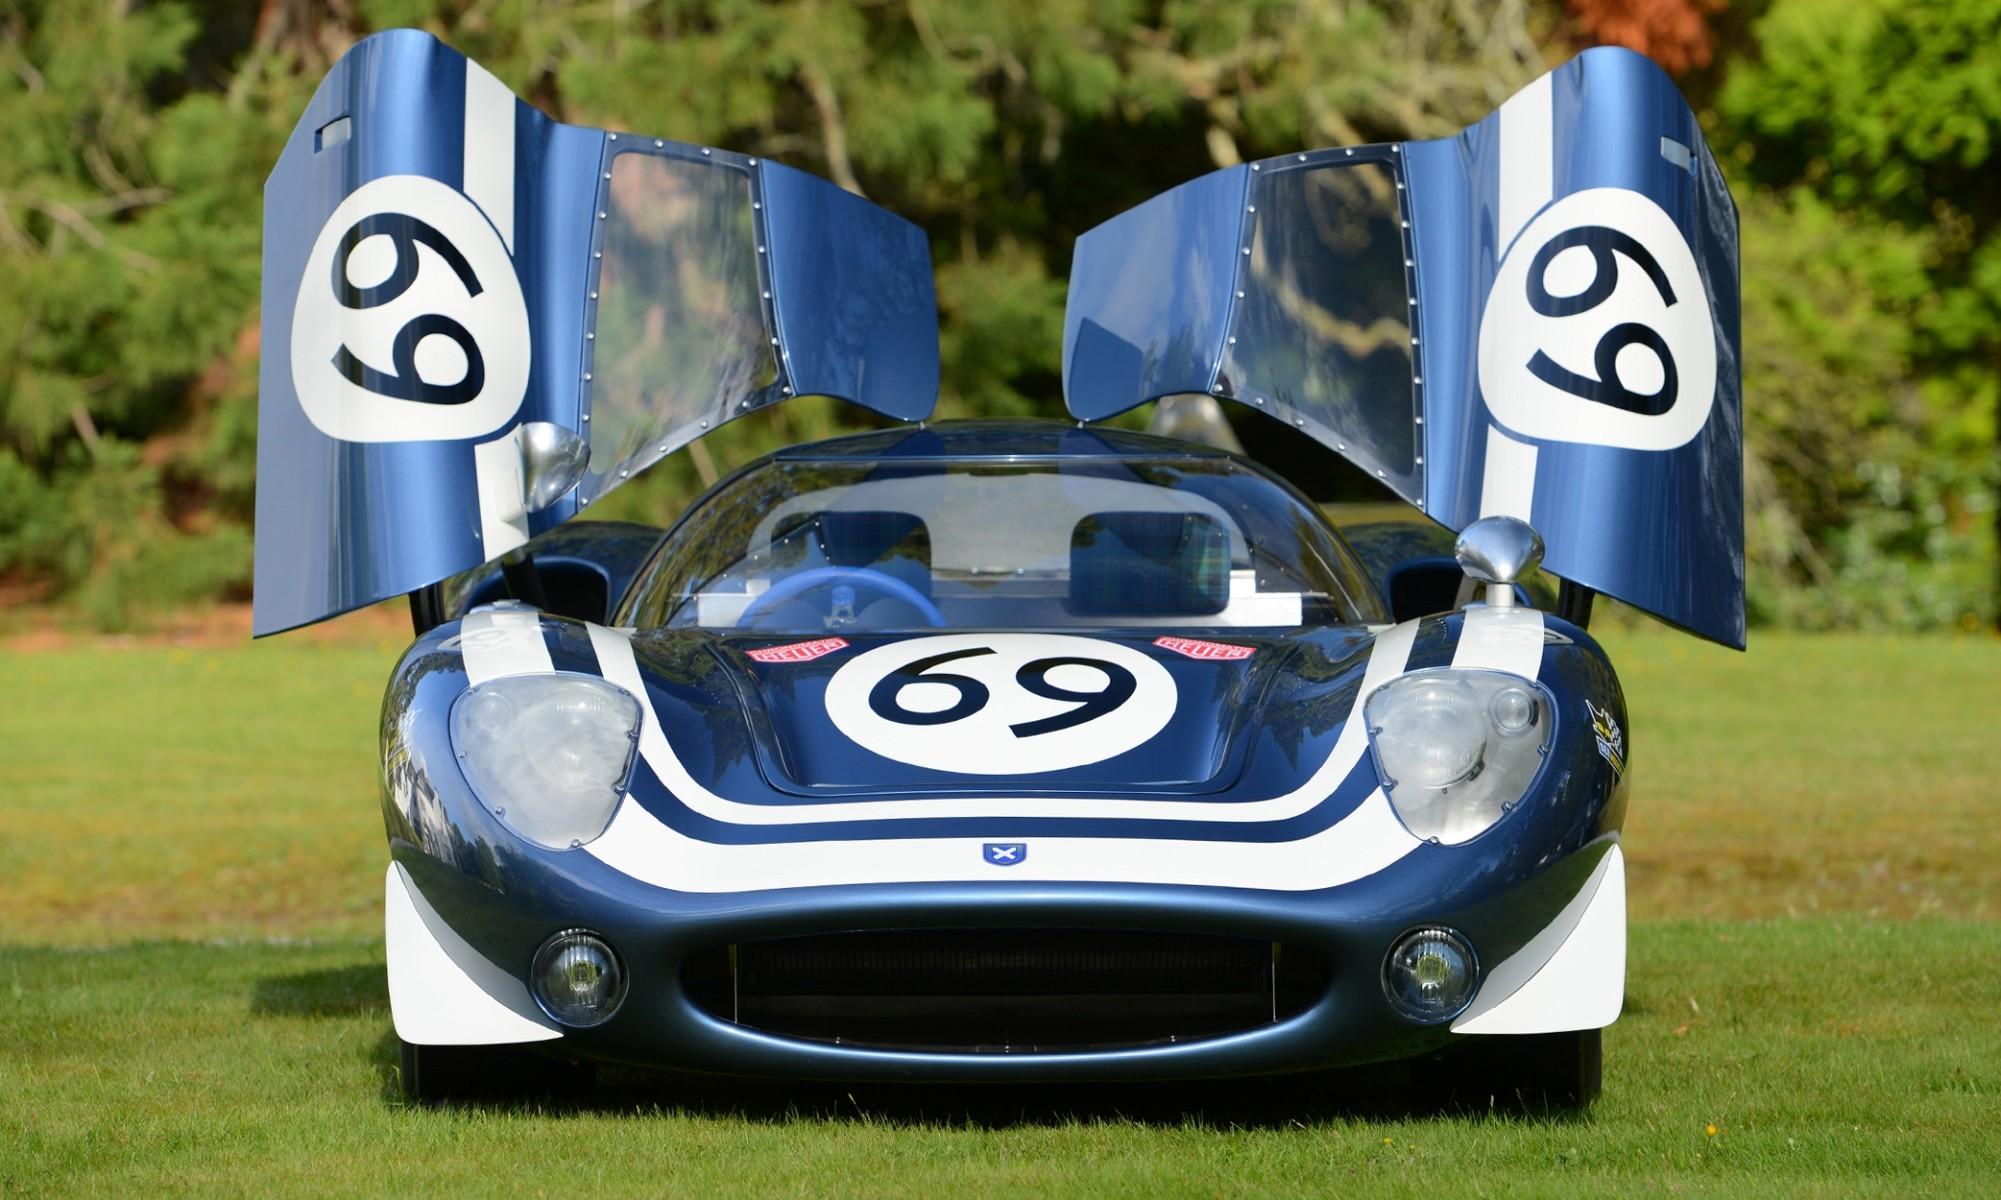 Ecurie Ecosse LM69 front doors open